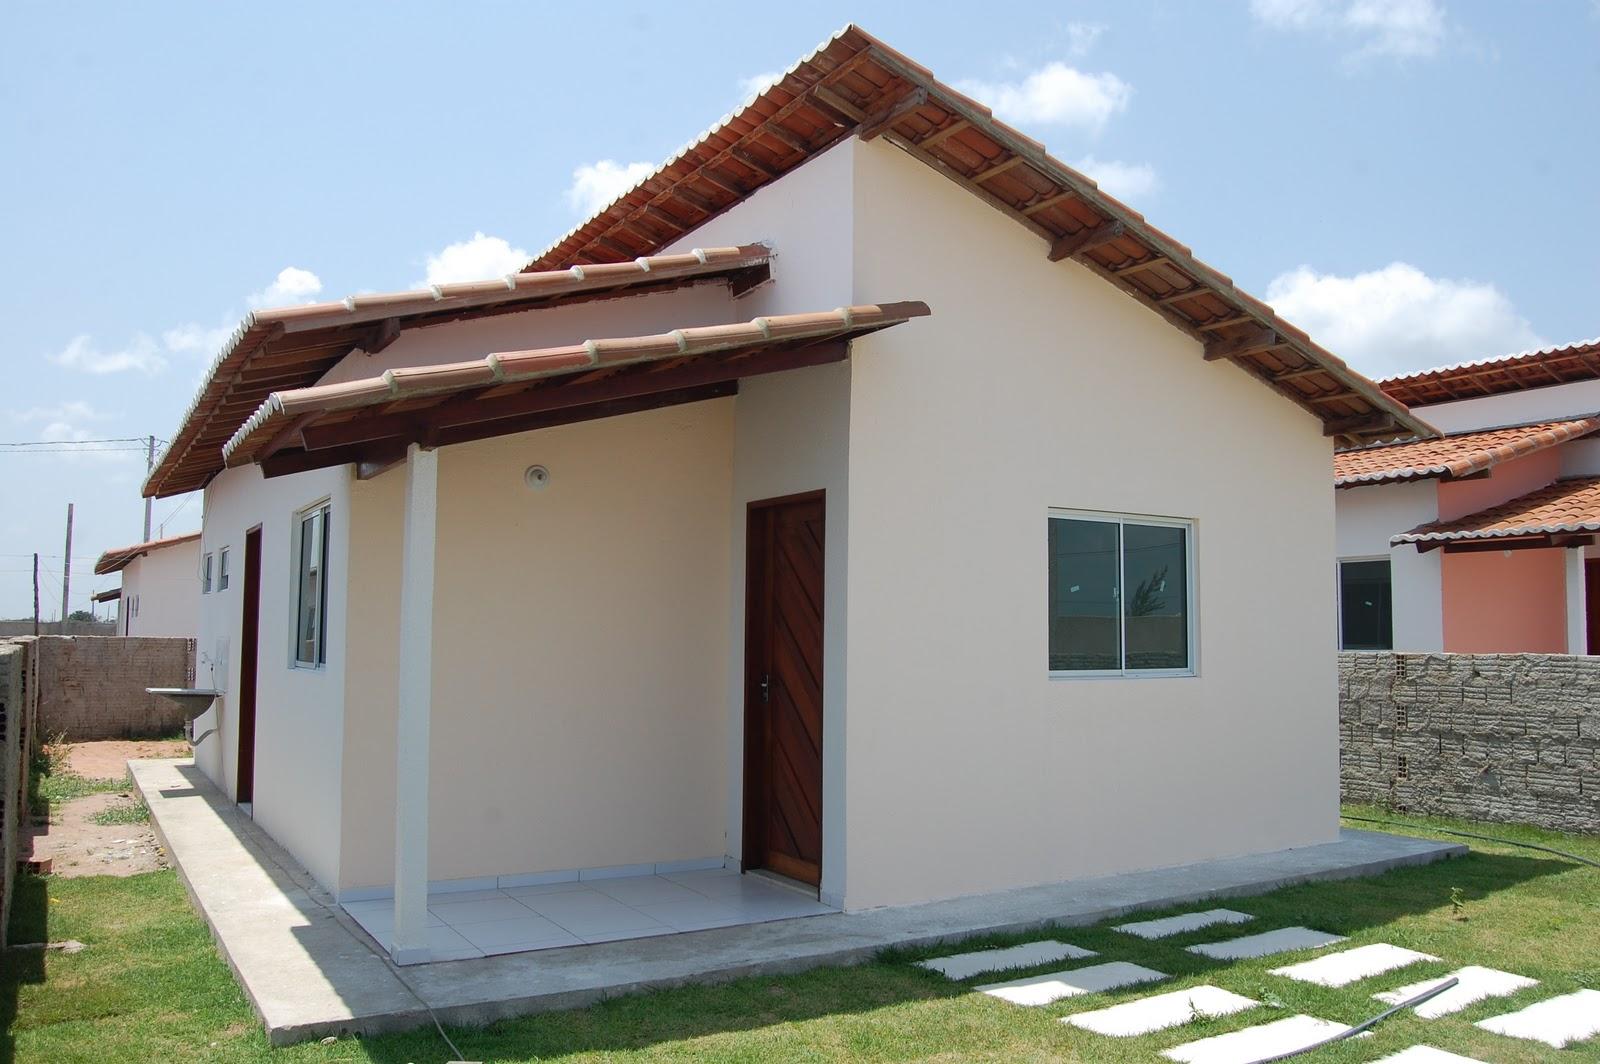 Inscri es para minha casa minha vida for Casa immagini